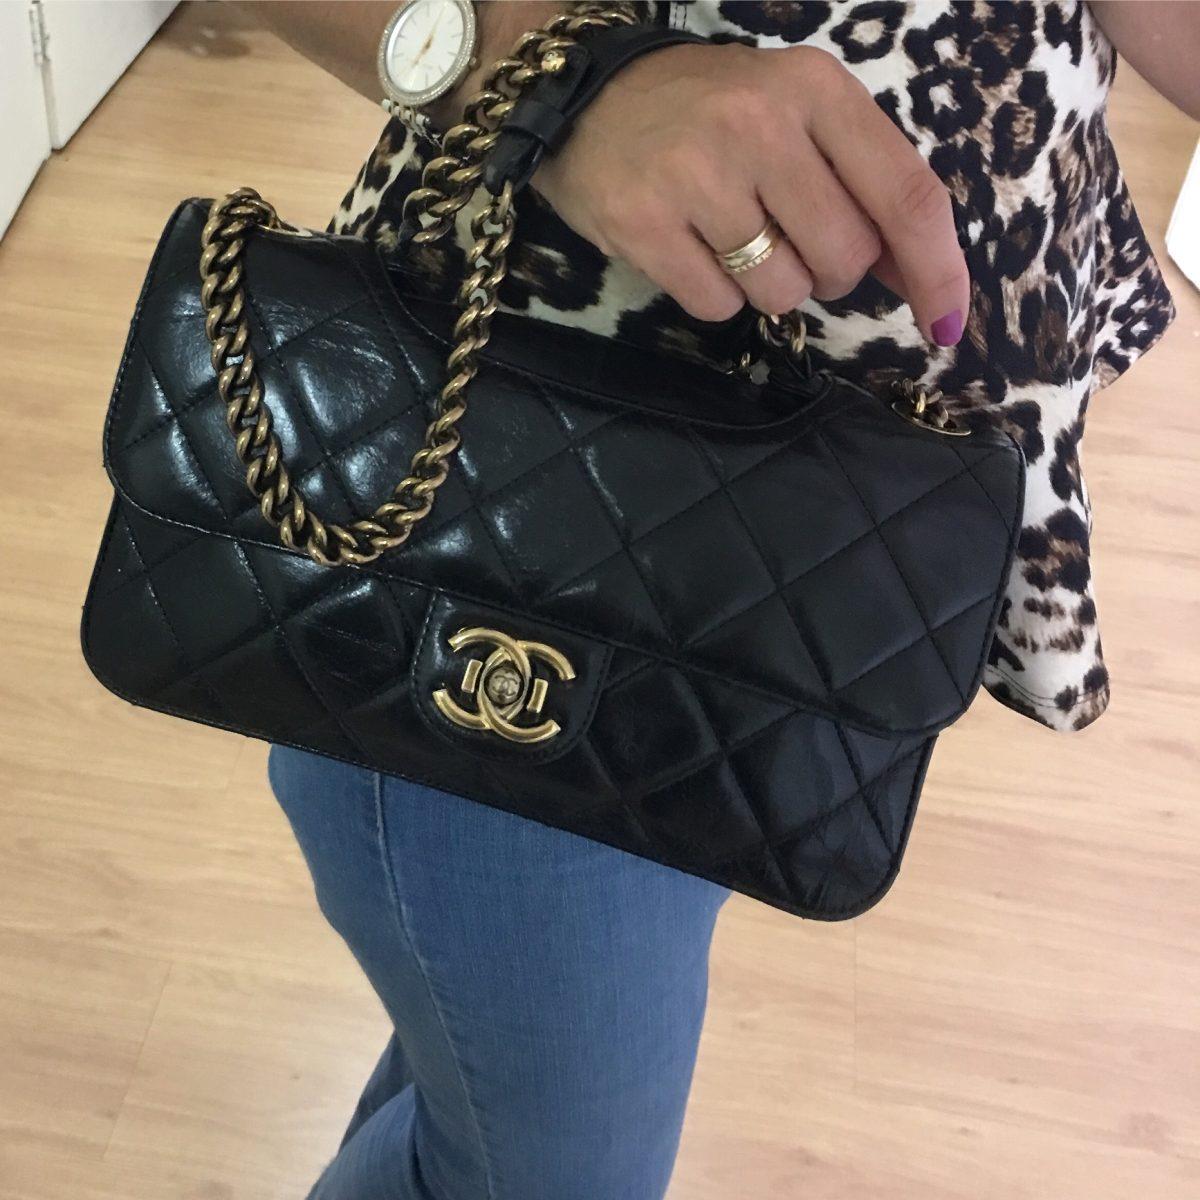 4b1cca33d Bolsa Chanel Original Usada - R$ 12.500,00 em Mercado Livre